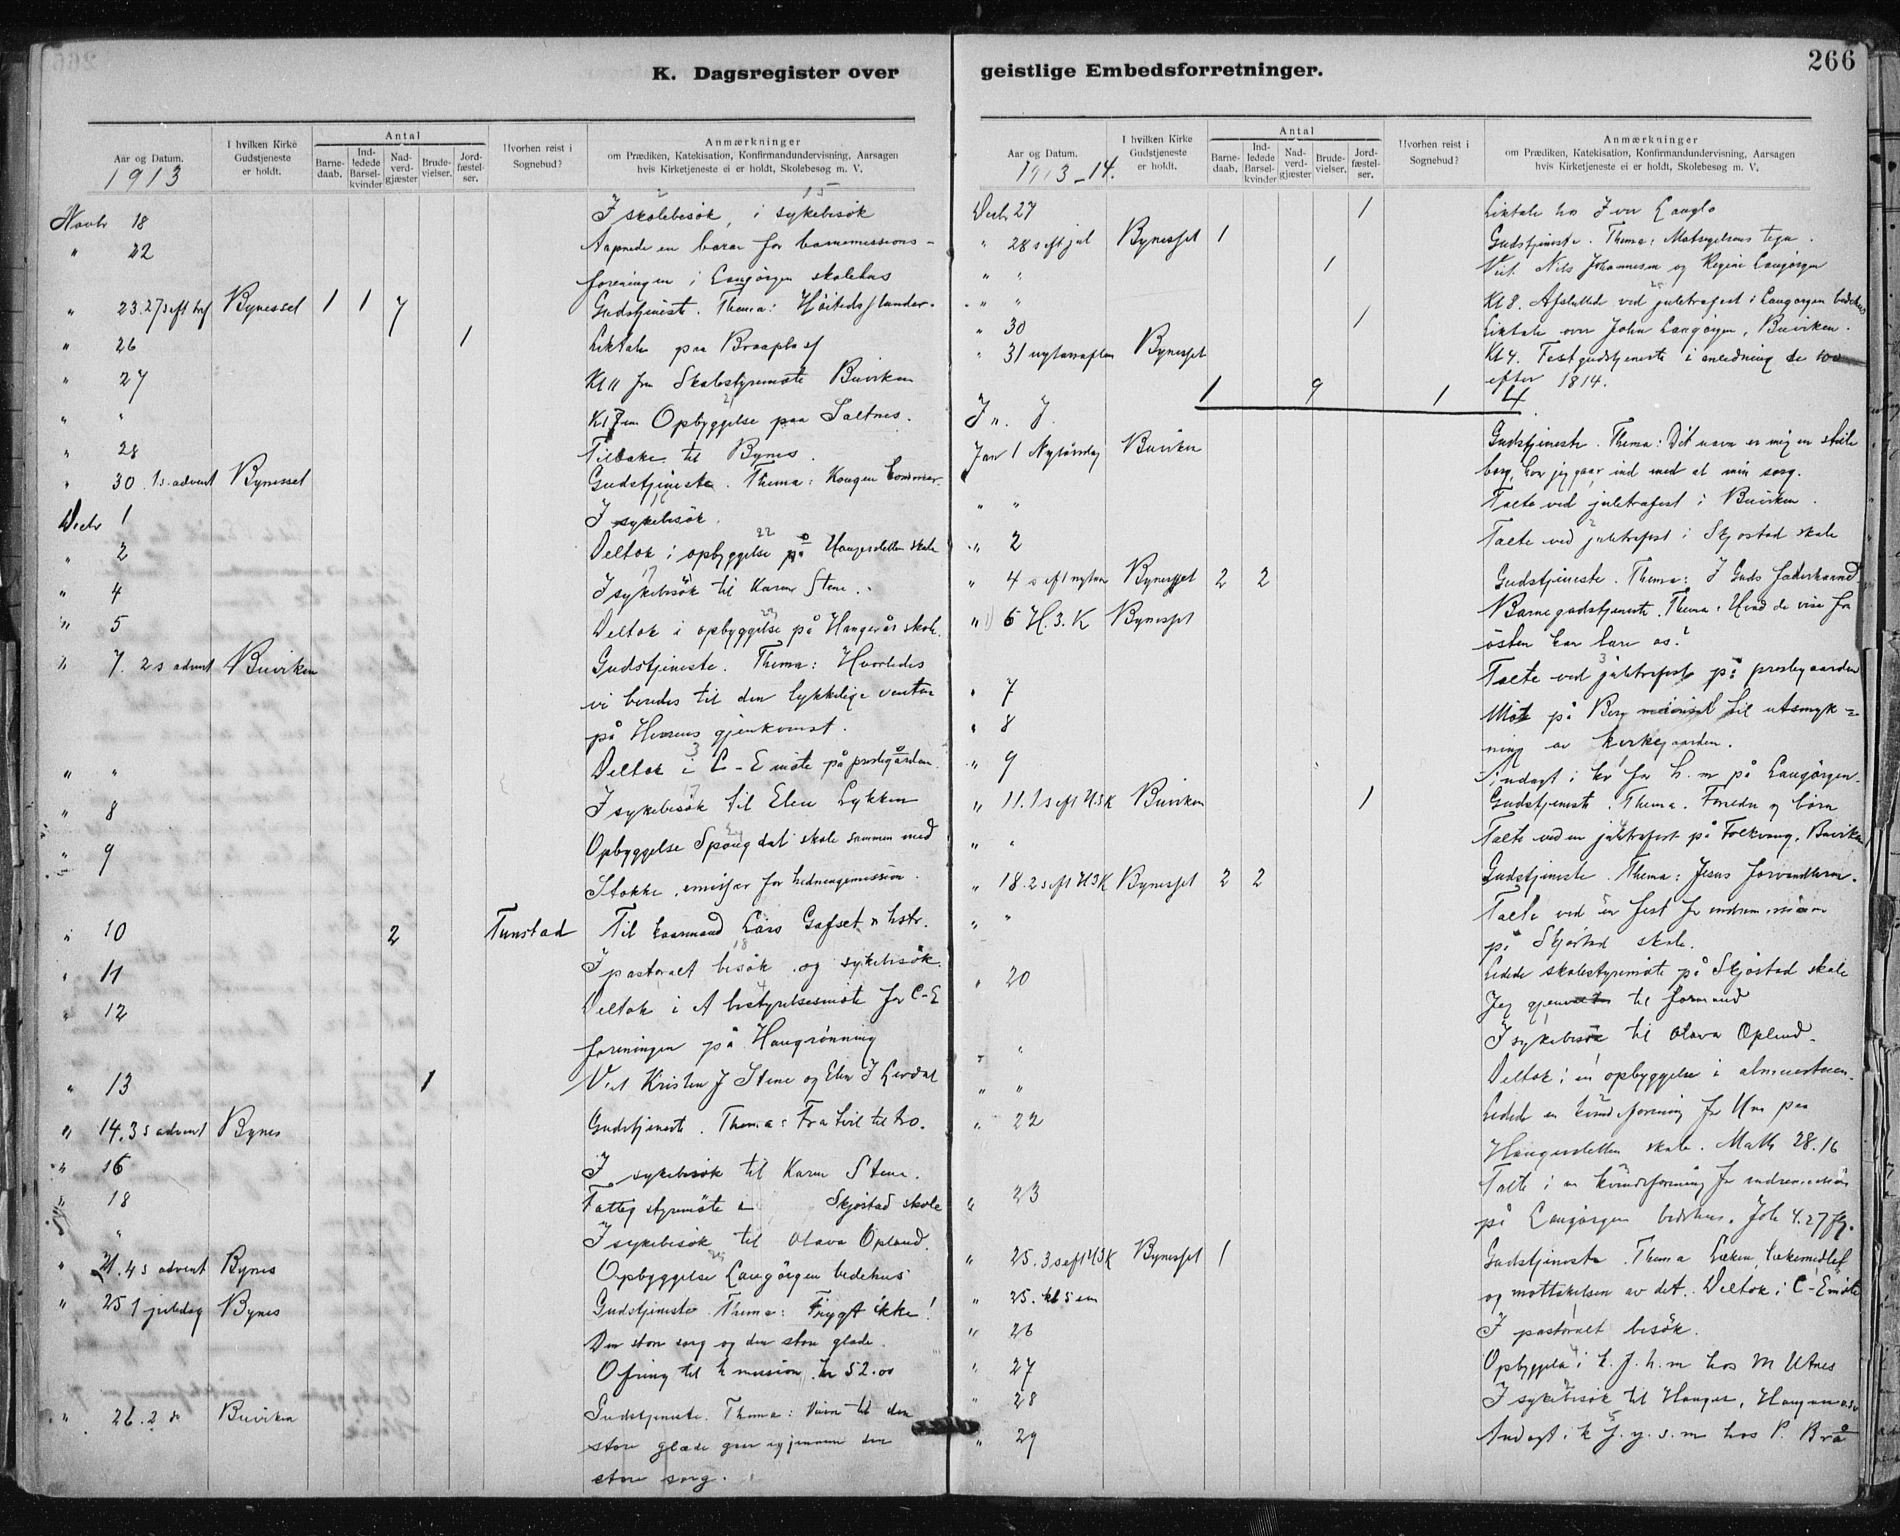 SAT, Ministerialprotokoller, klokkerbøker og fødselsregistre - Sør-Trøndelag, 612/L0381: Ministerialbok nr. 612A13, 1907-1923, s. 266